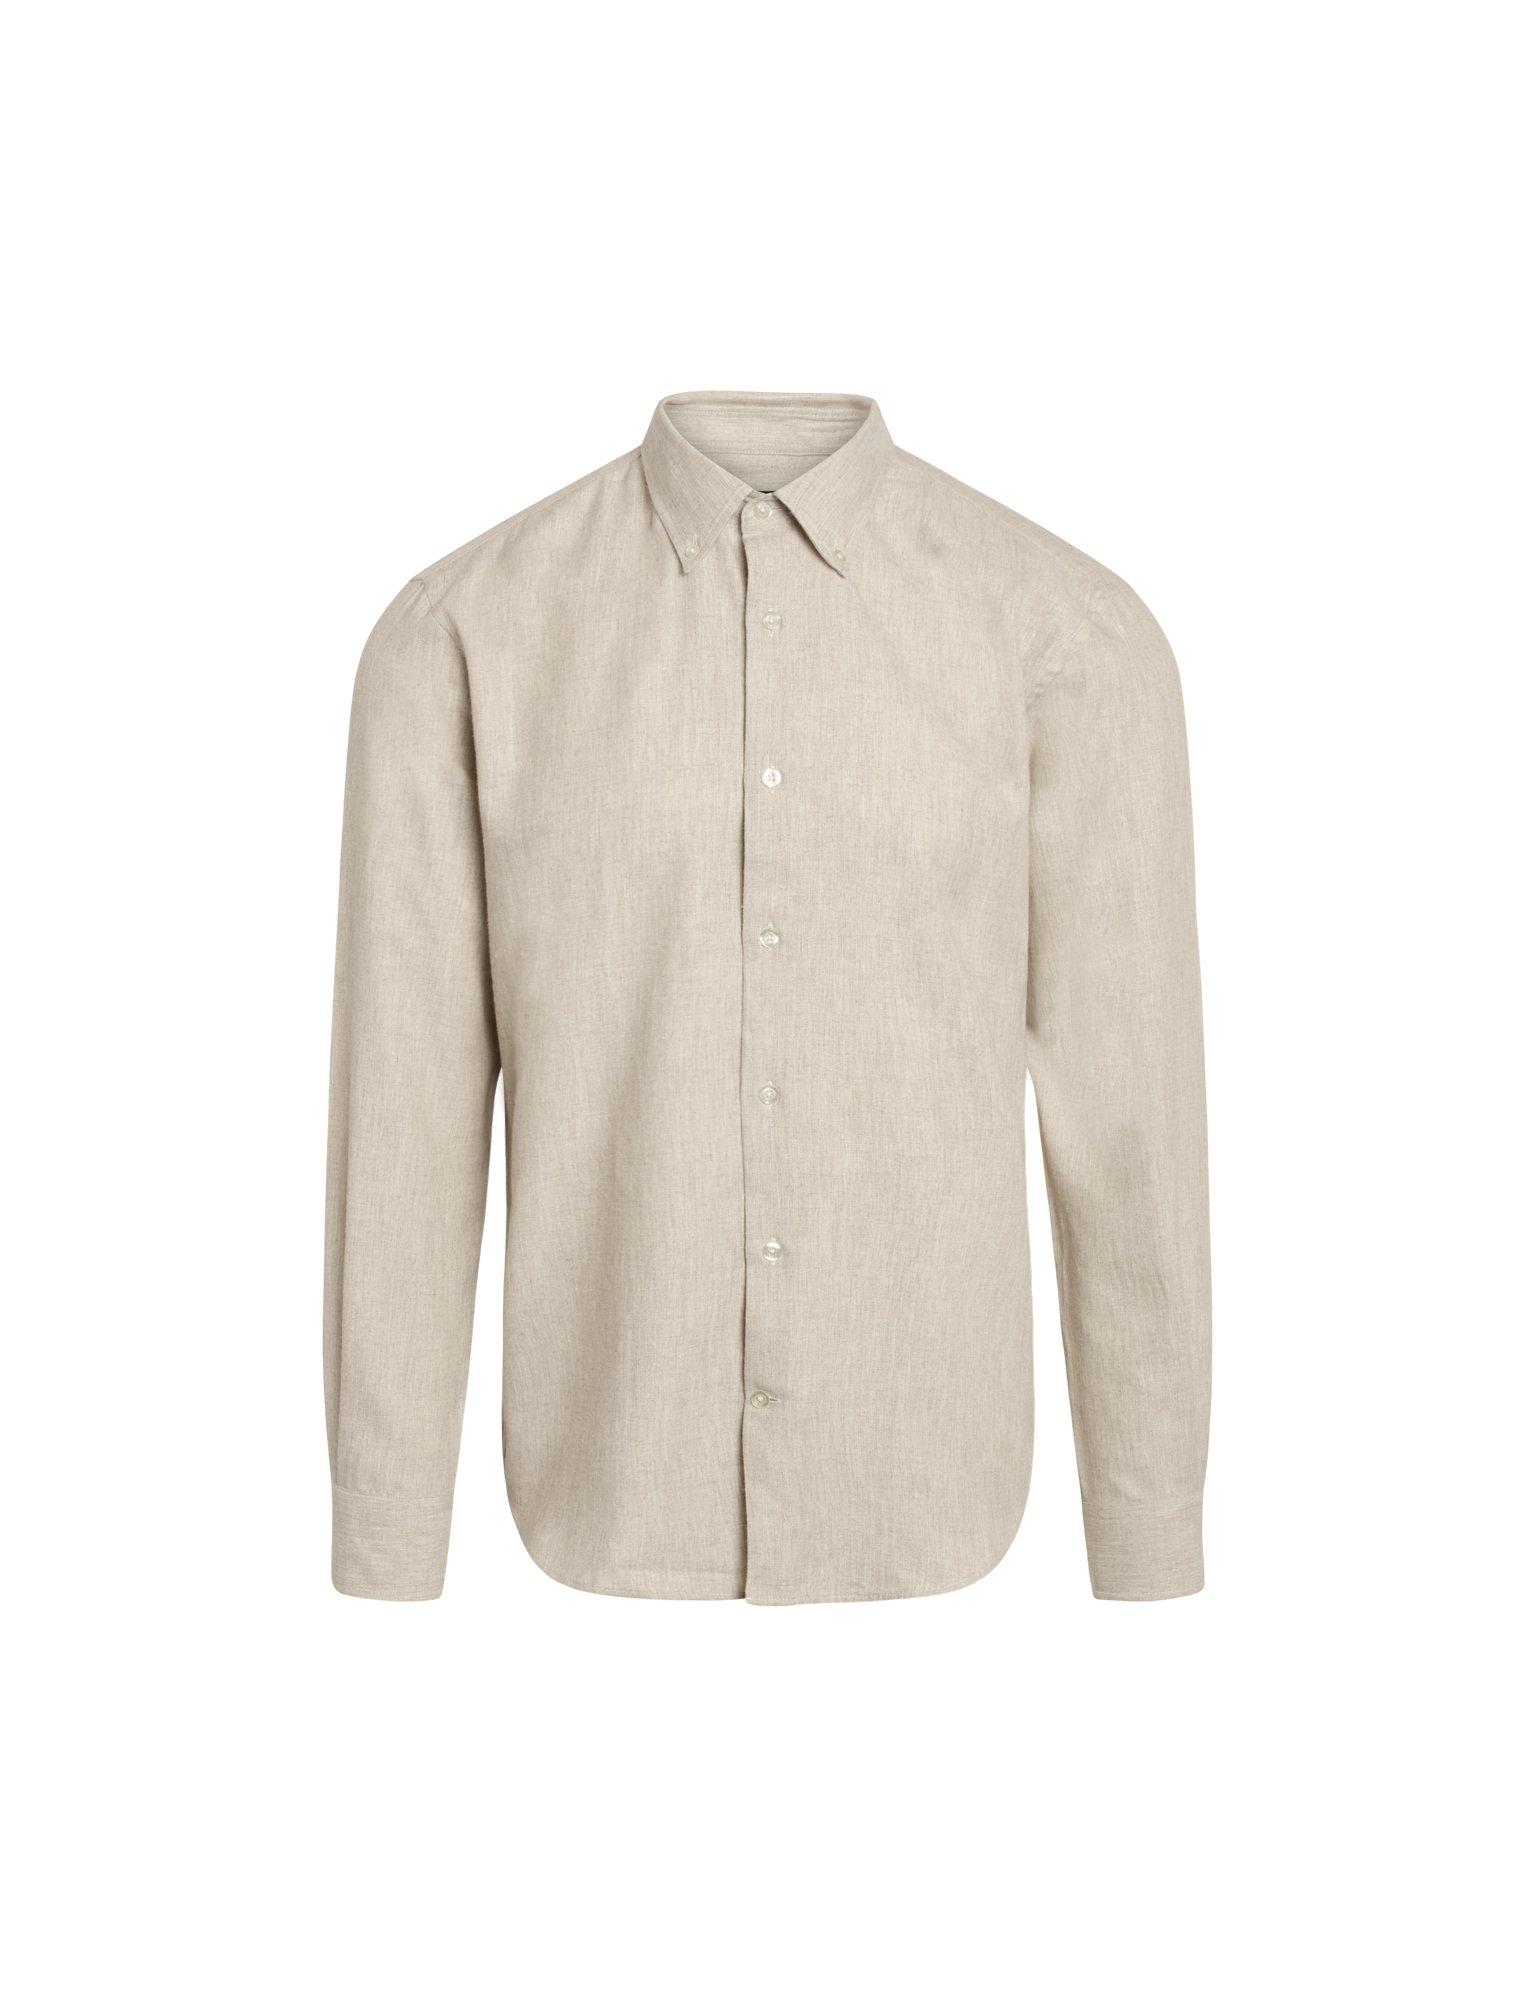 Mads Nørgaard Flamel Saul skjorte, oatmeal, large